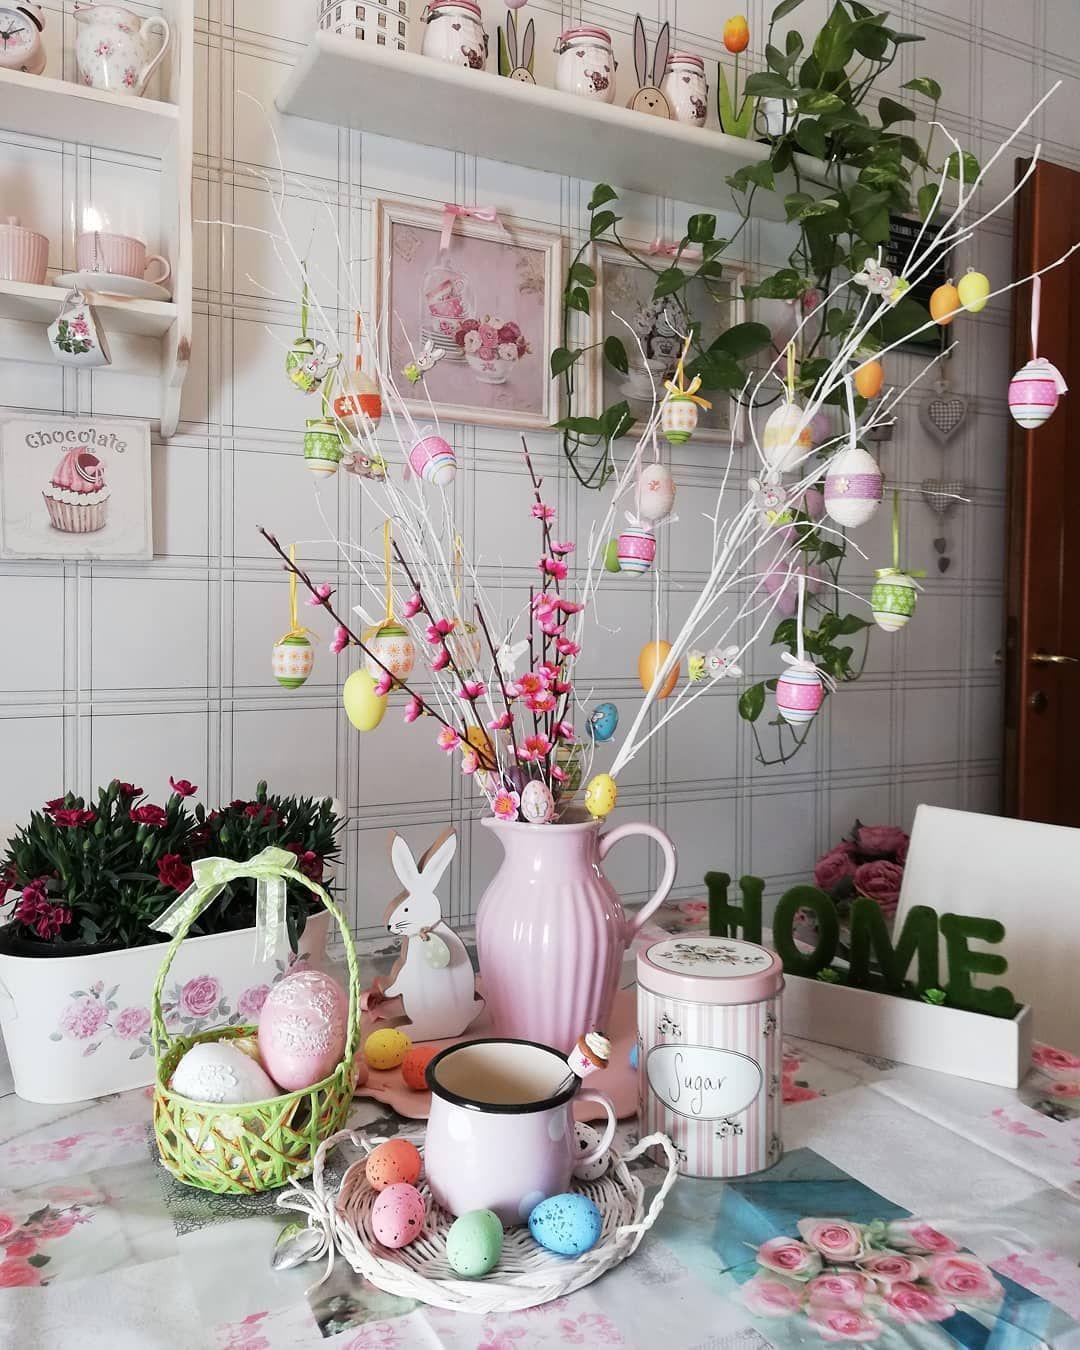 Design Per Tutti Com new] the 10 best home decor (with pictures) - buongiorno a